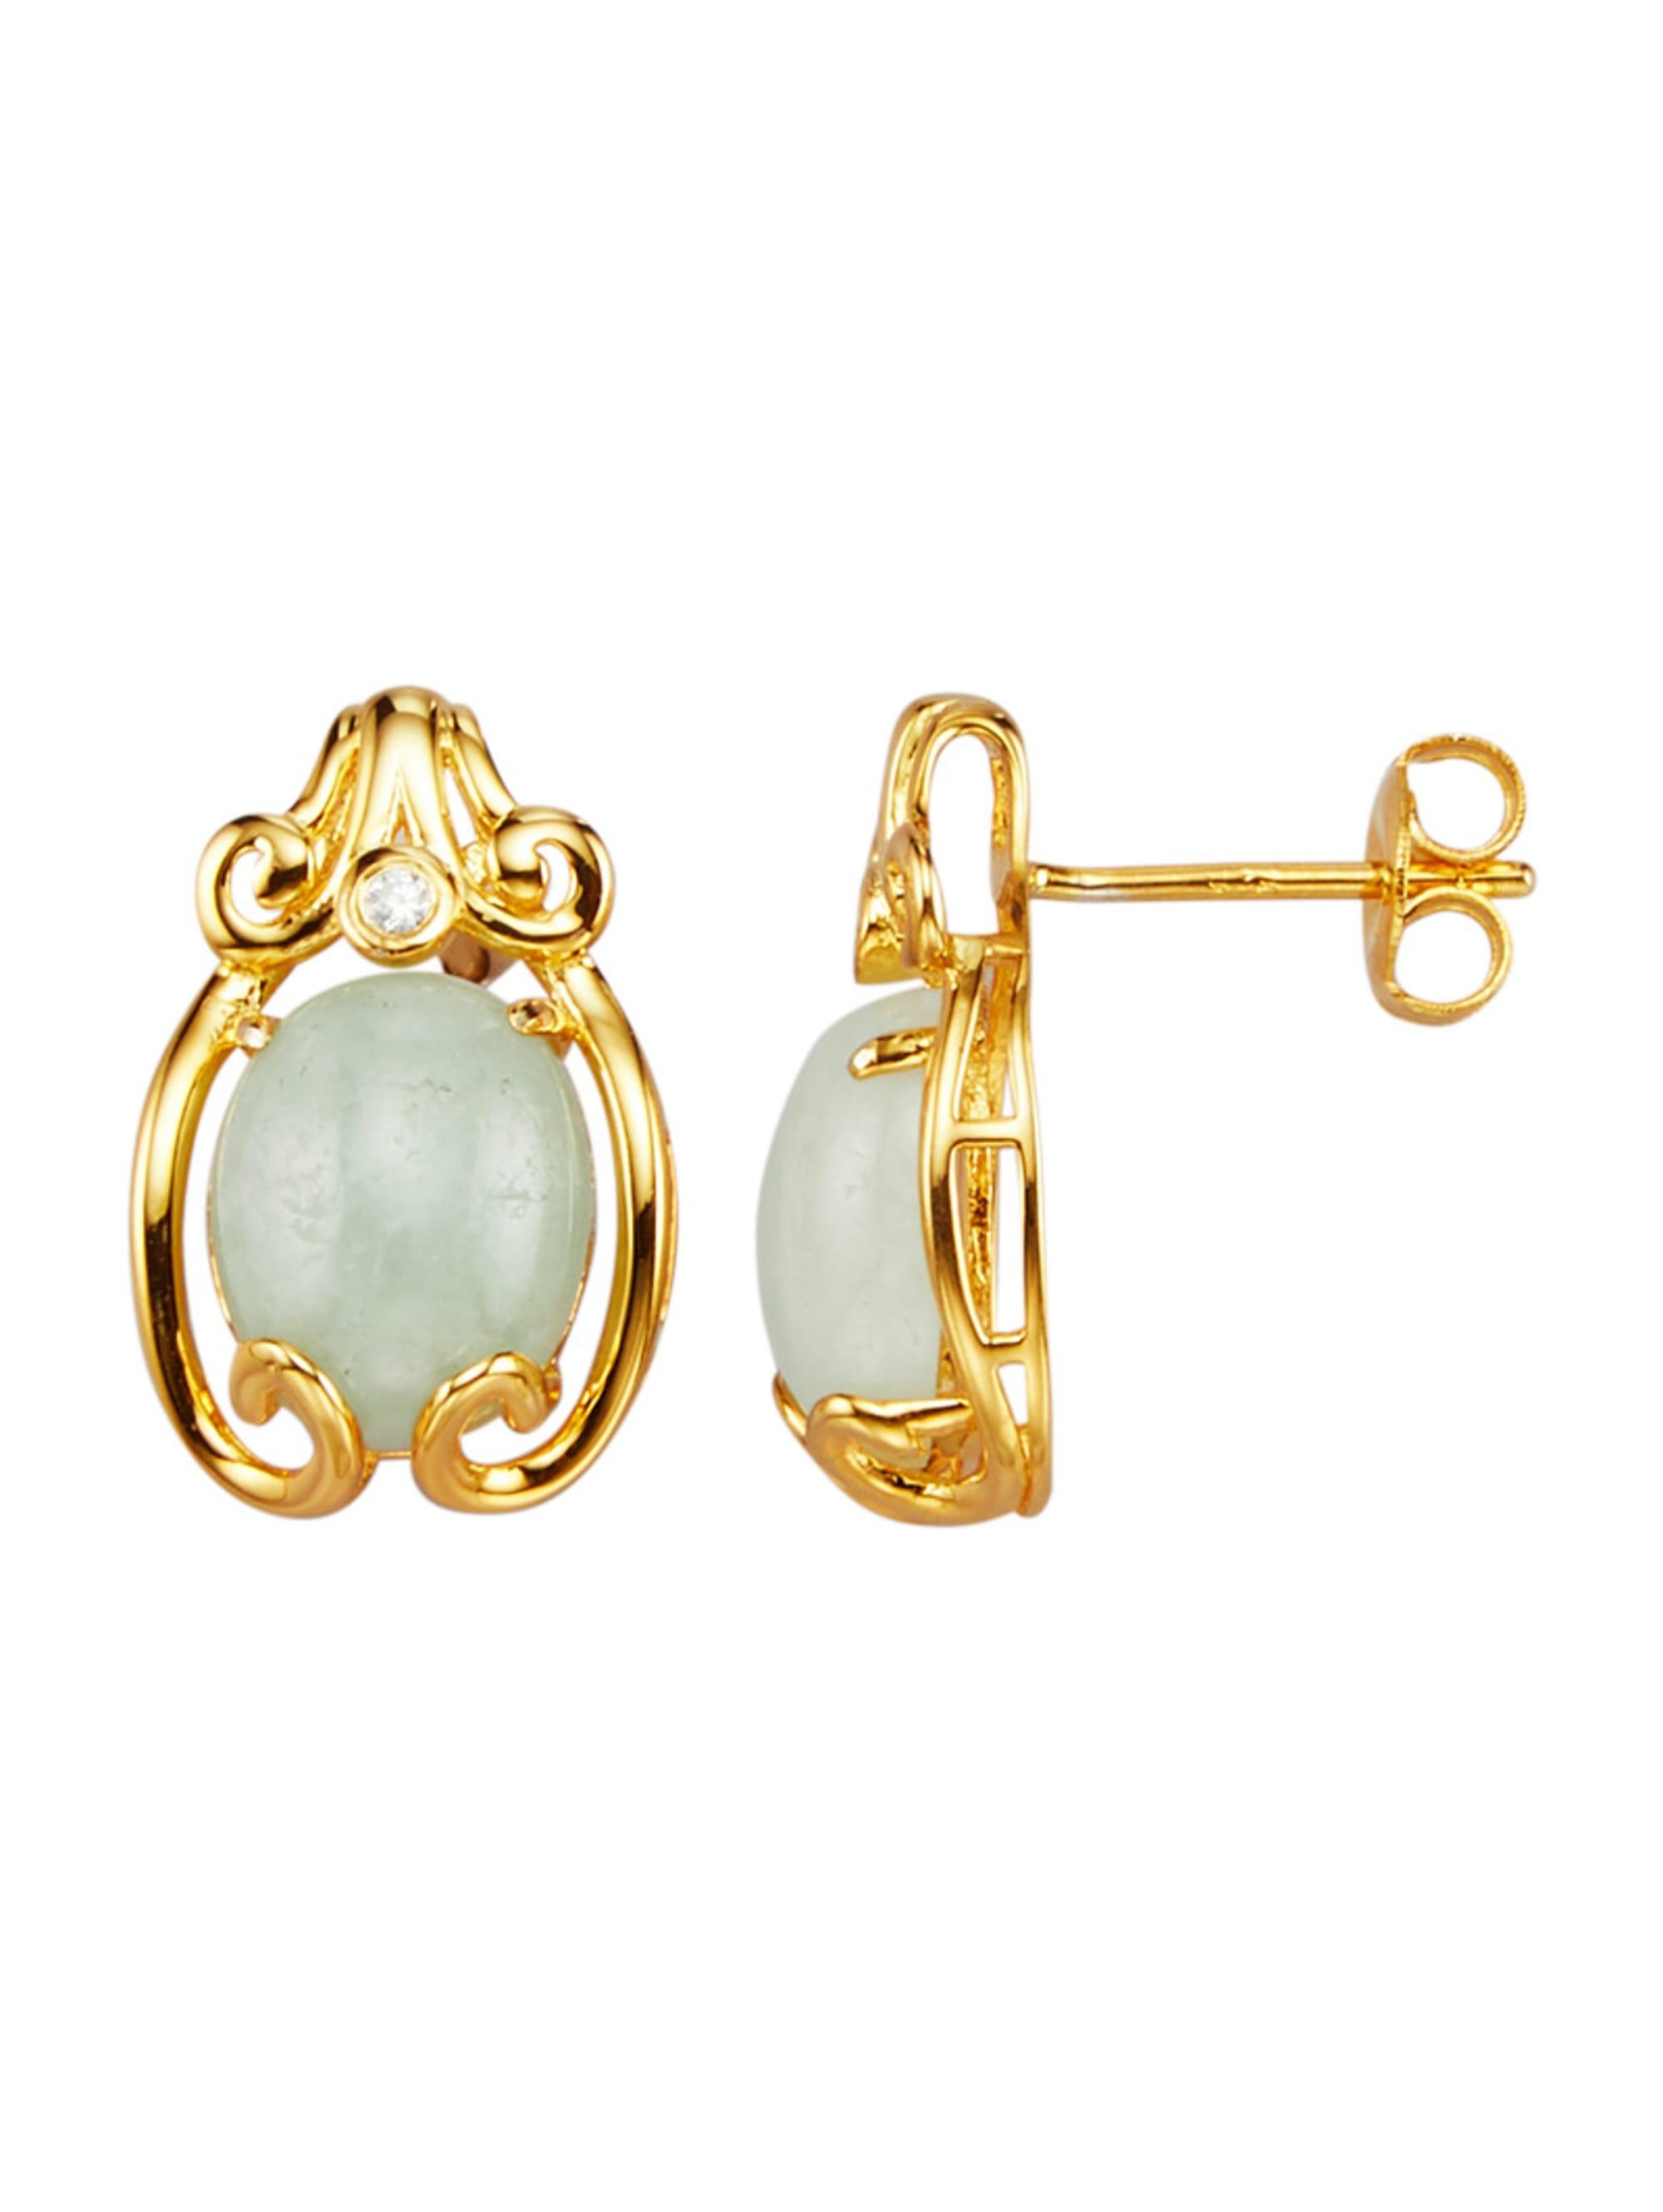 Ohrringe in Silber 925, vergoldet in Silber 925, vergoldet 83PpY